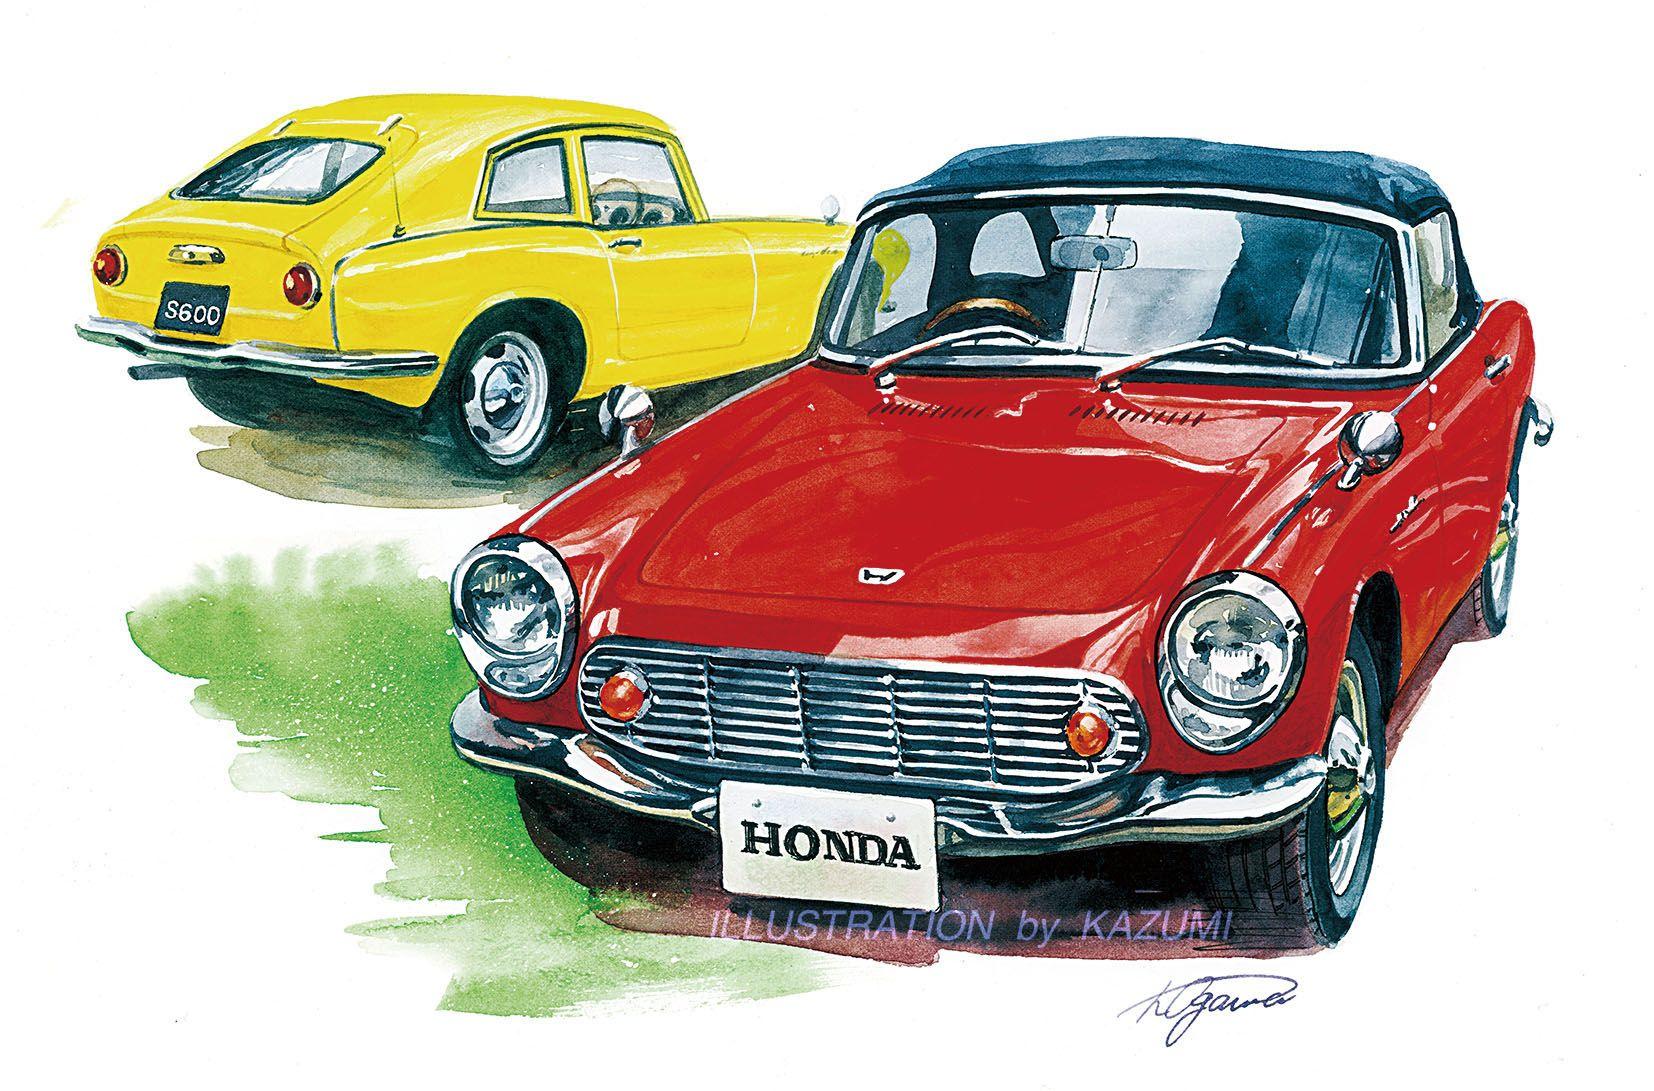 Honda S600 車の絵 車 イラスト バイクアート